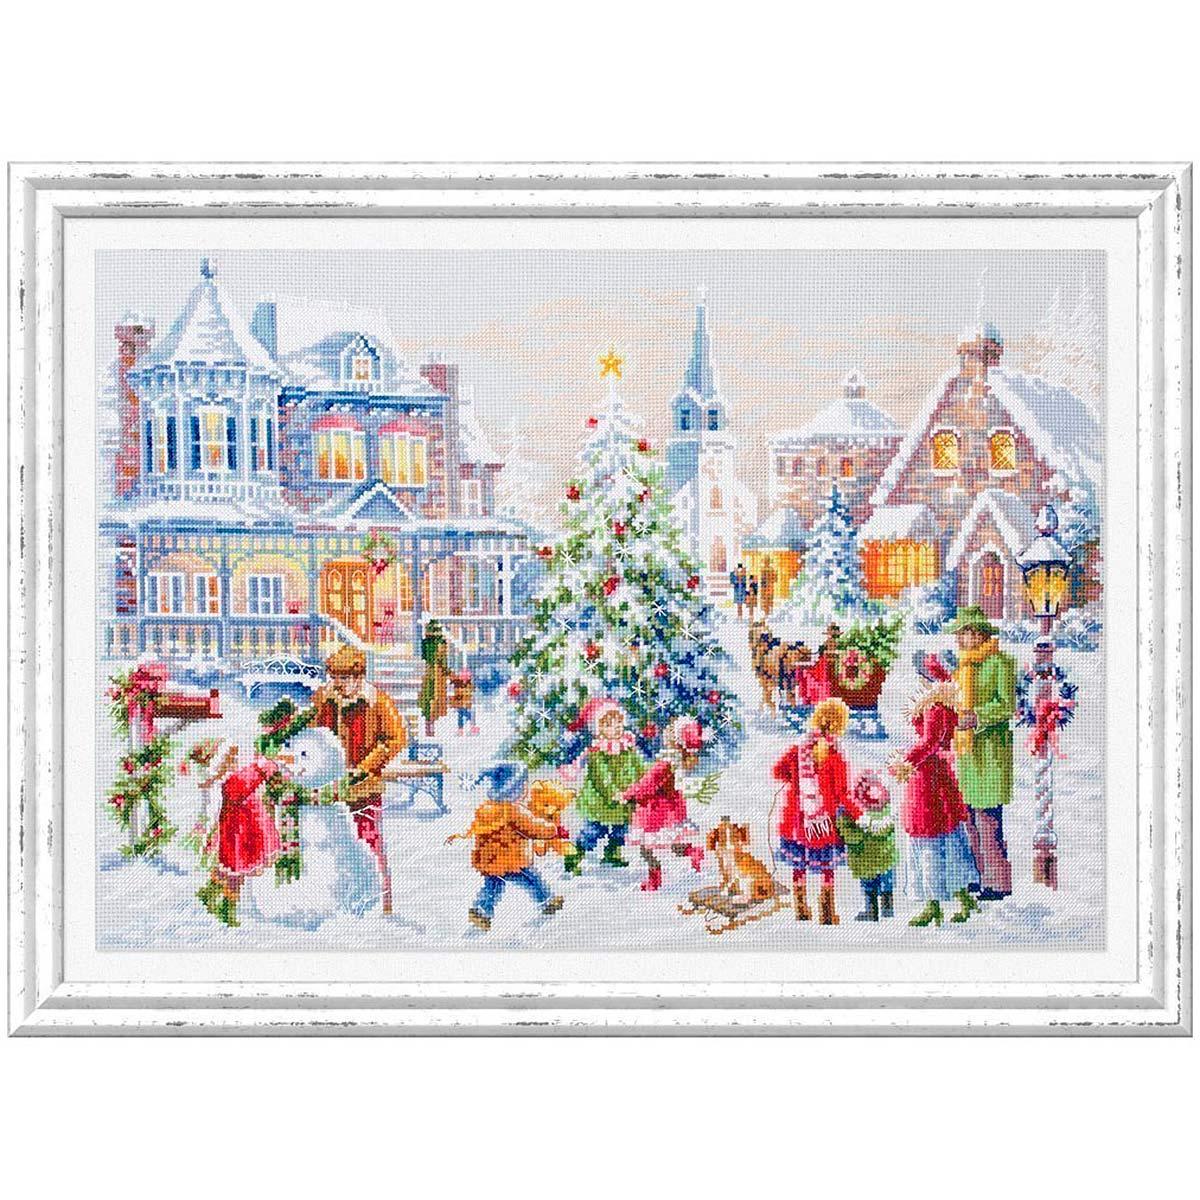 100-250 Набор для вышивания Чудесная игла 'Накануне Рождества'46х31см